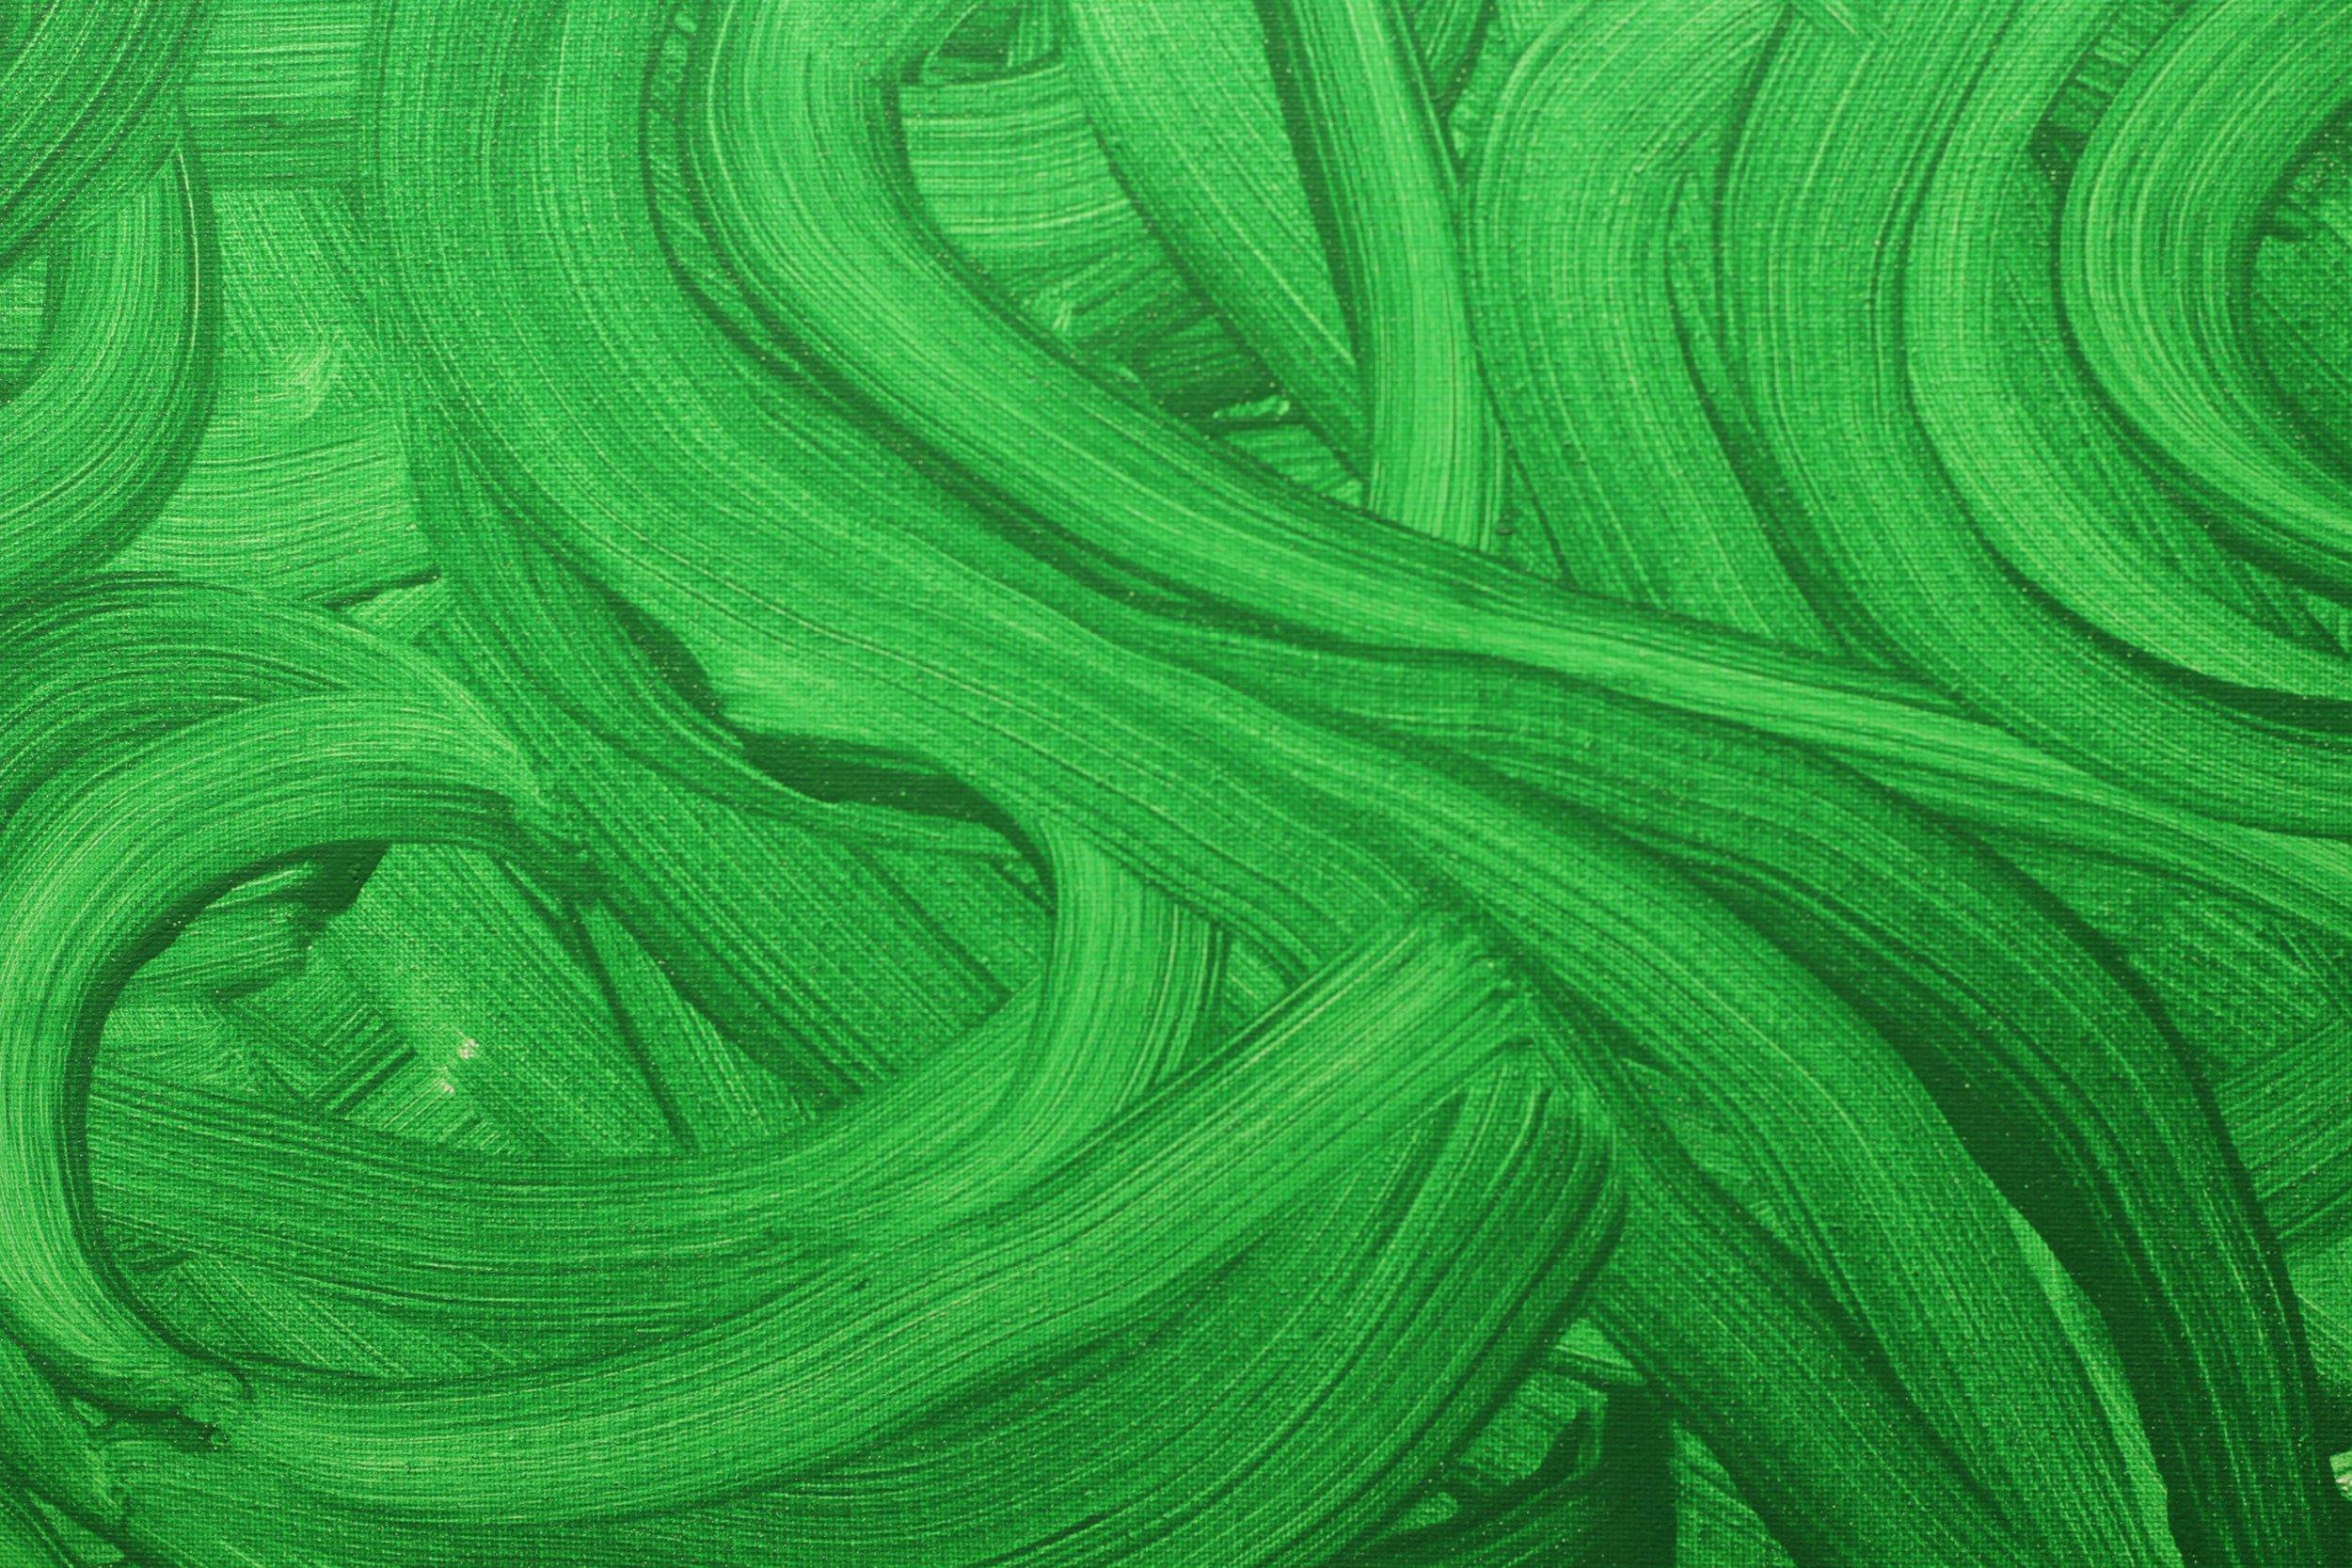 Green_Screen_Dreams_Keaton_Fox_4.jpg